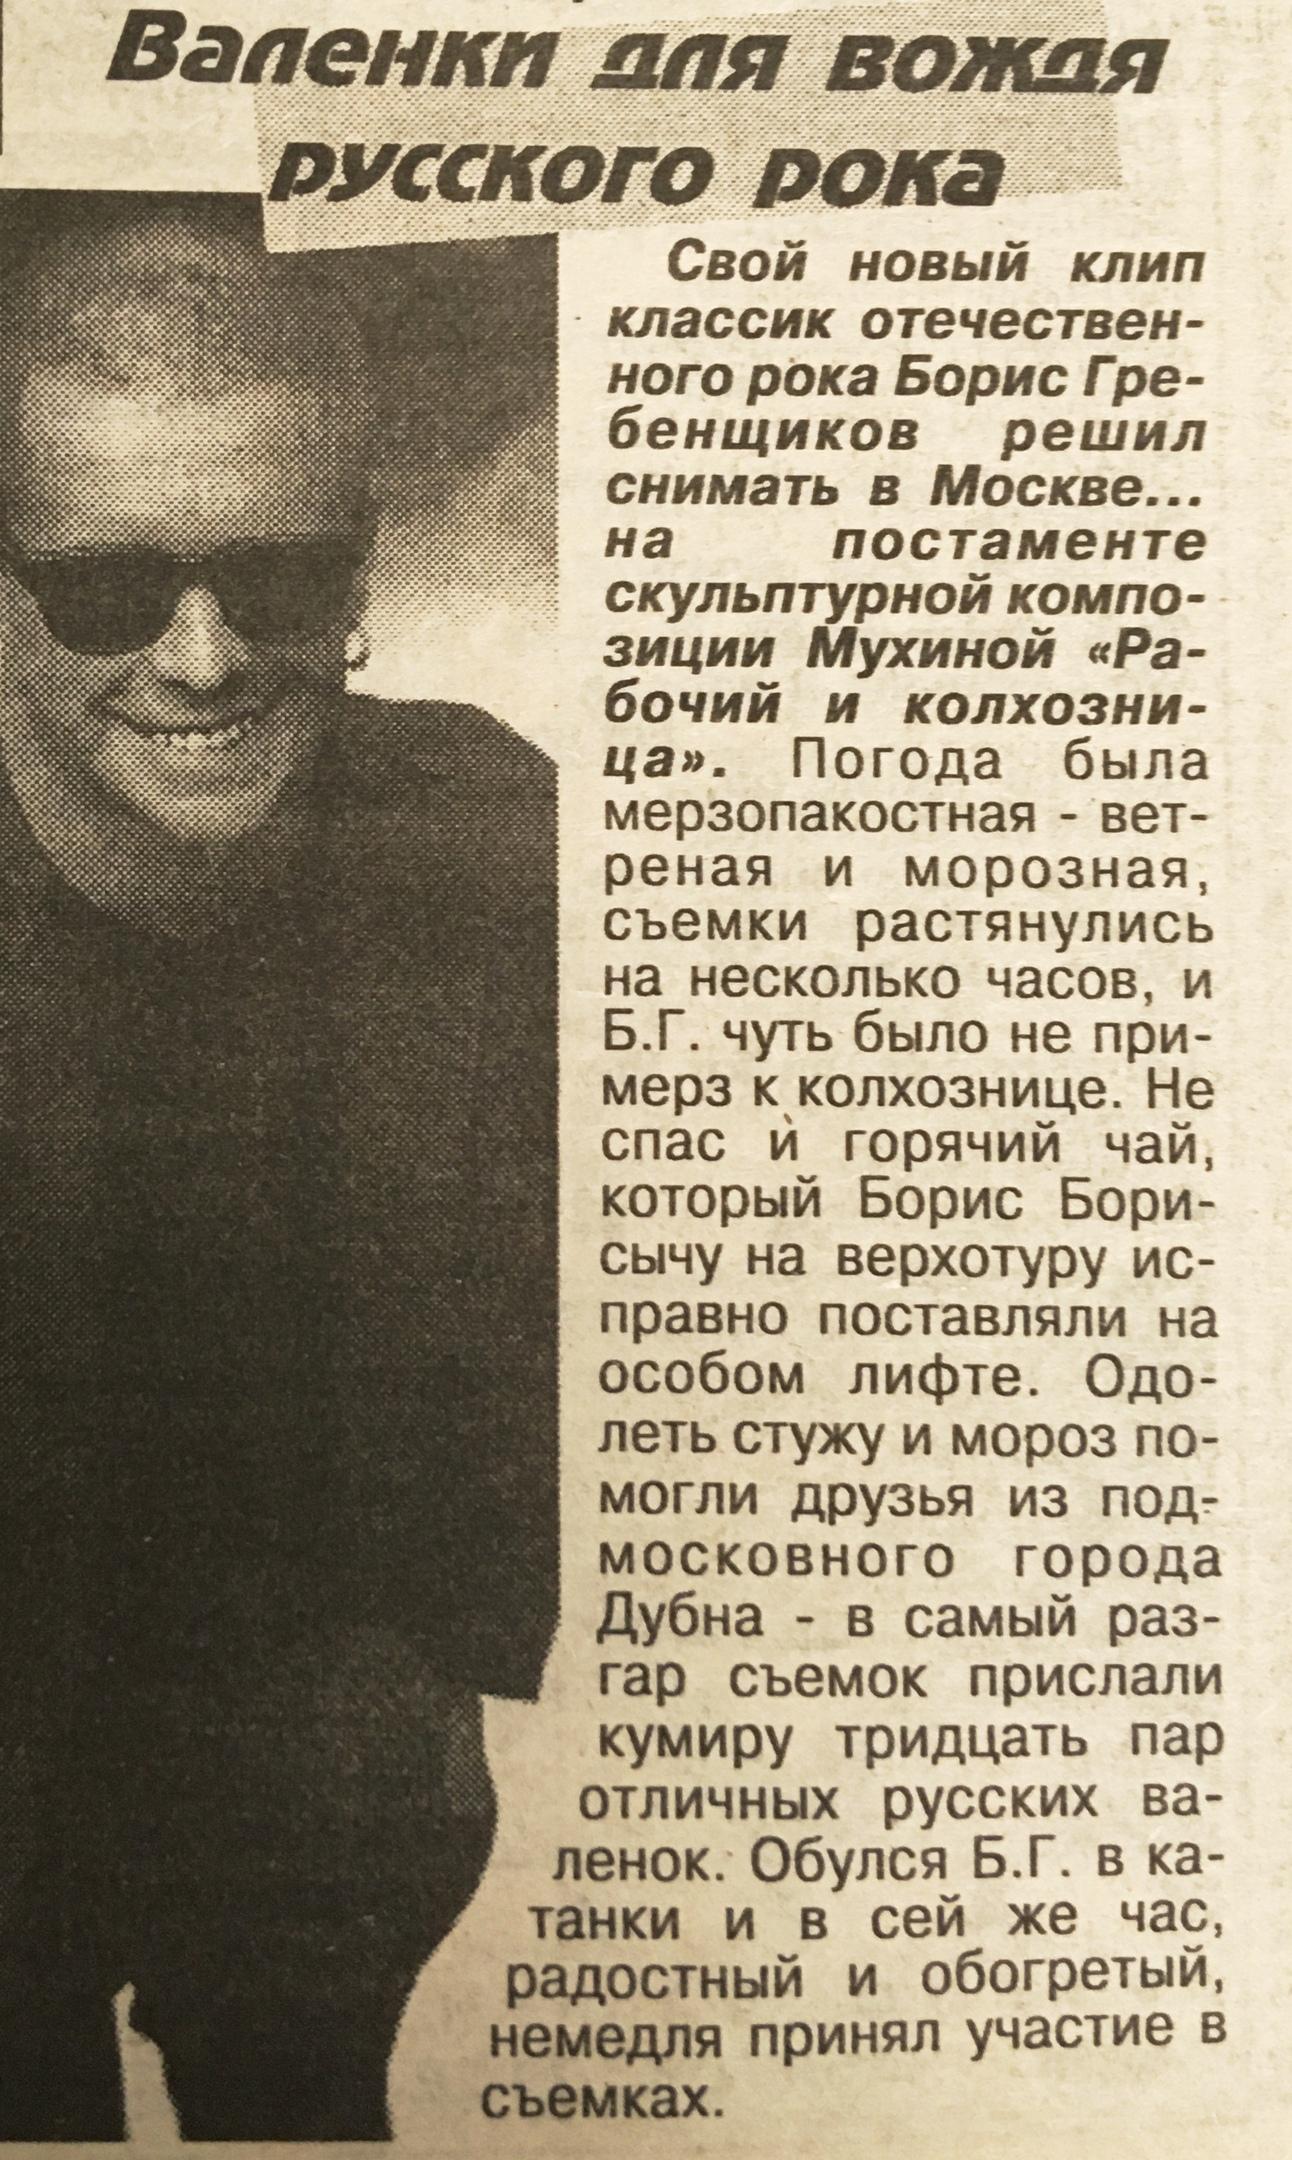 О чем писали кировские газеты двадцать лет назад? Конец декабря 1999 года., изображение №8